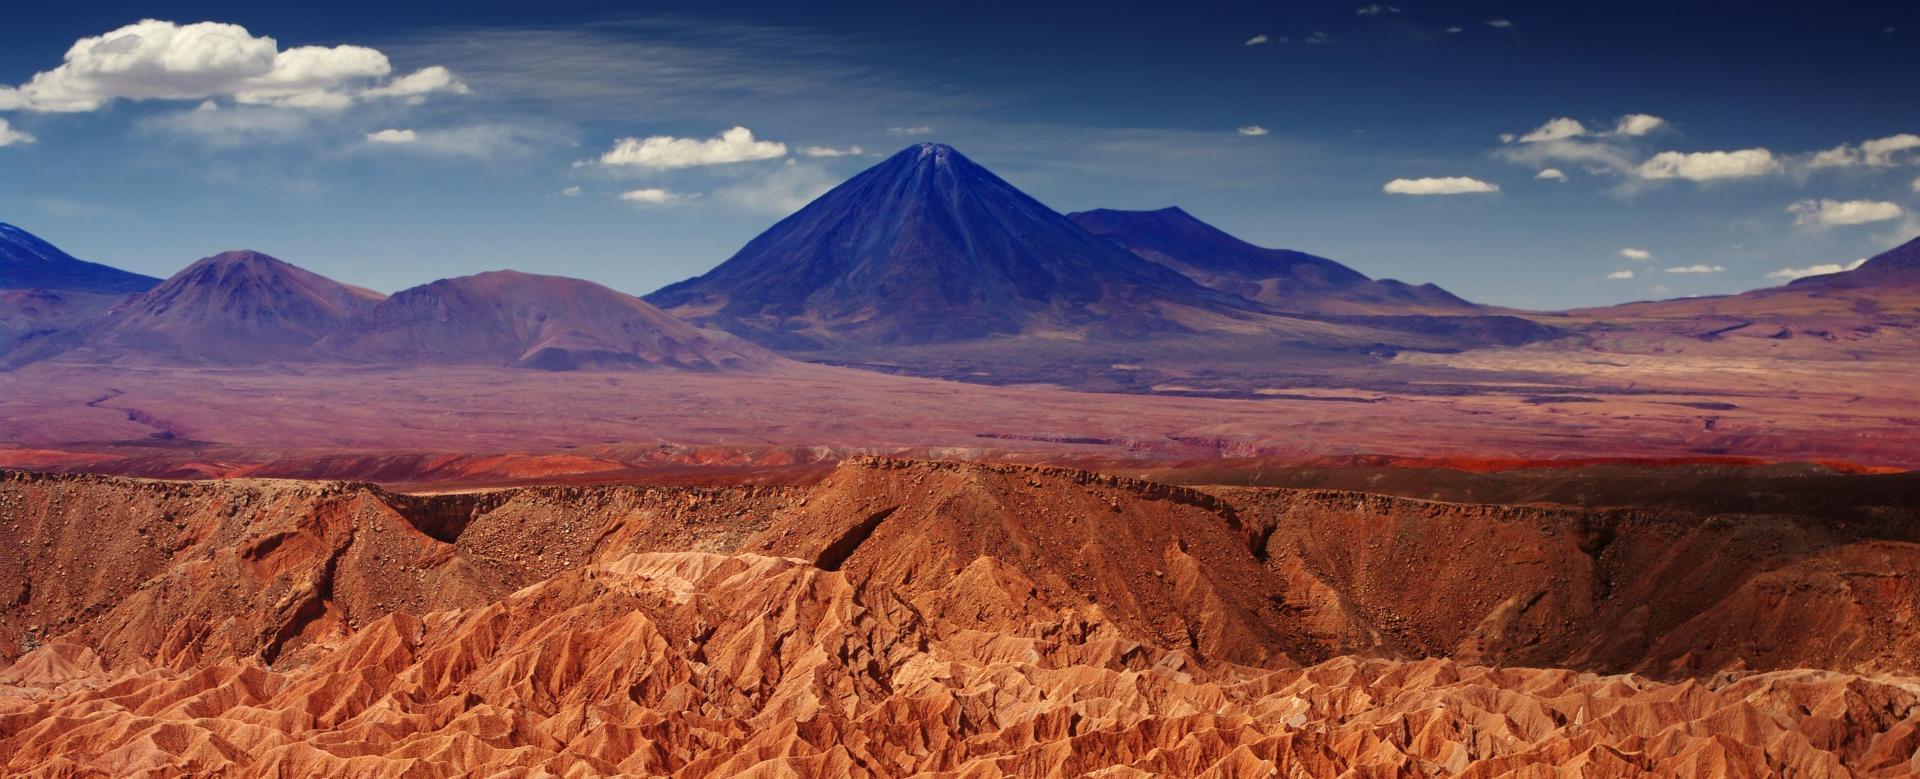 Voyage à pied Argentine : Patagonie, atacama et sud-lípez